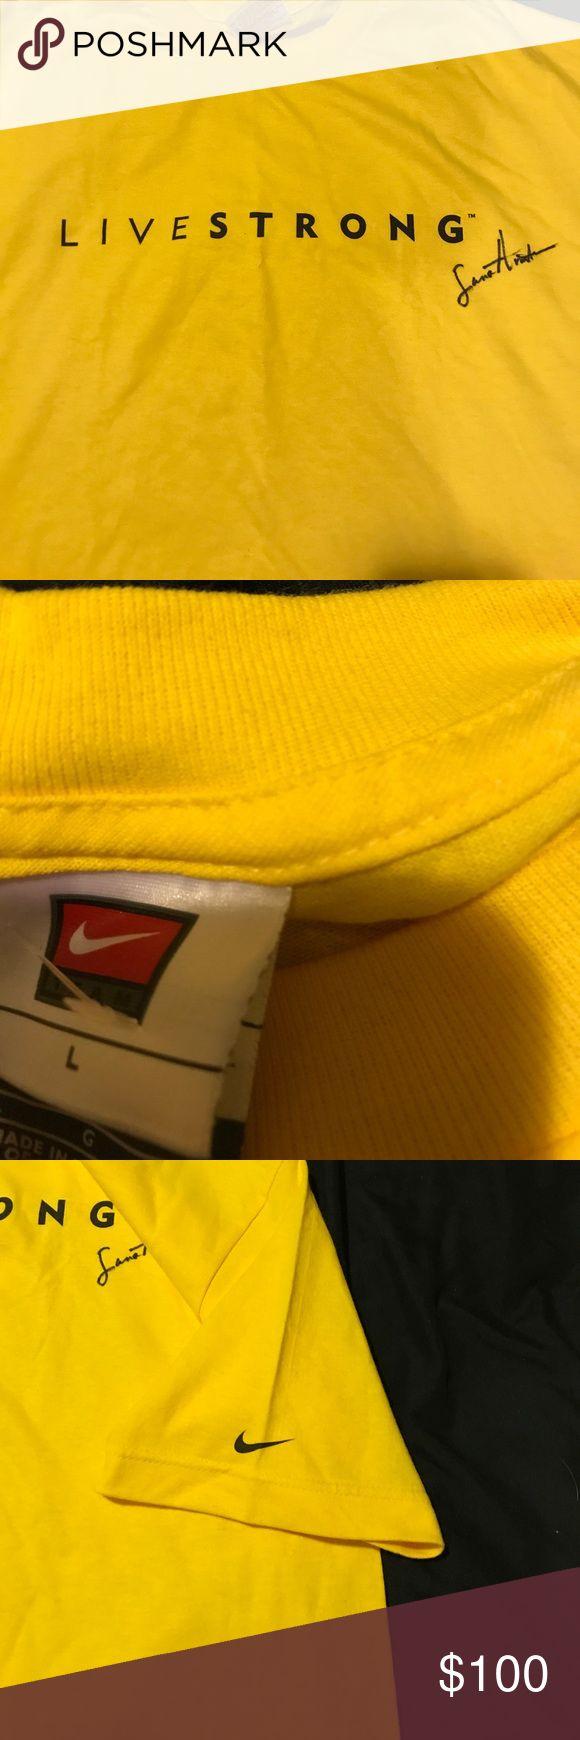 Autographed signed T shirt sz Lrg Lance Armstrong autographed tshirt live strong Nike shirt sz Lrg Nike Shirts Tees - Short Sleeve